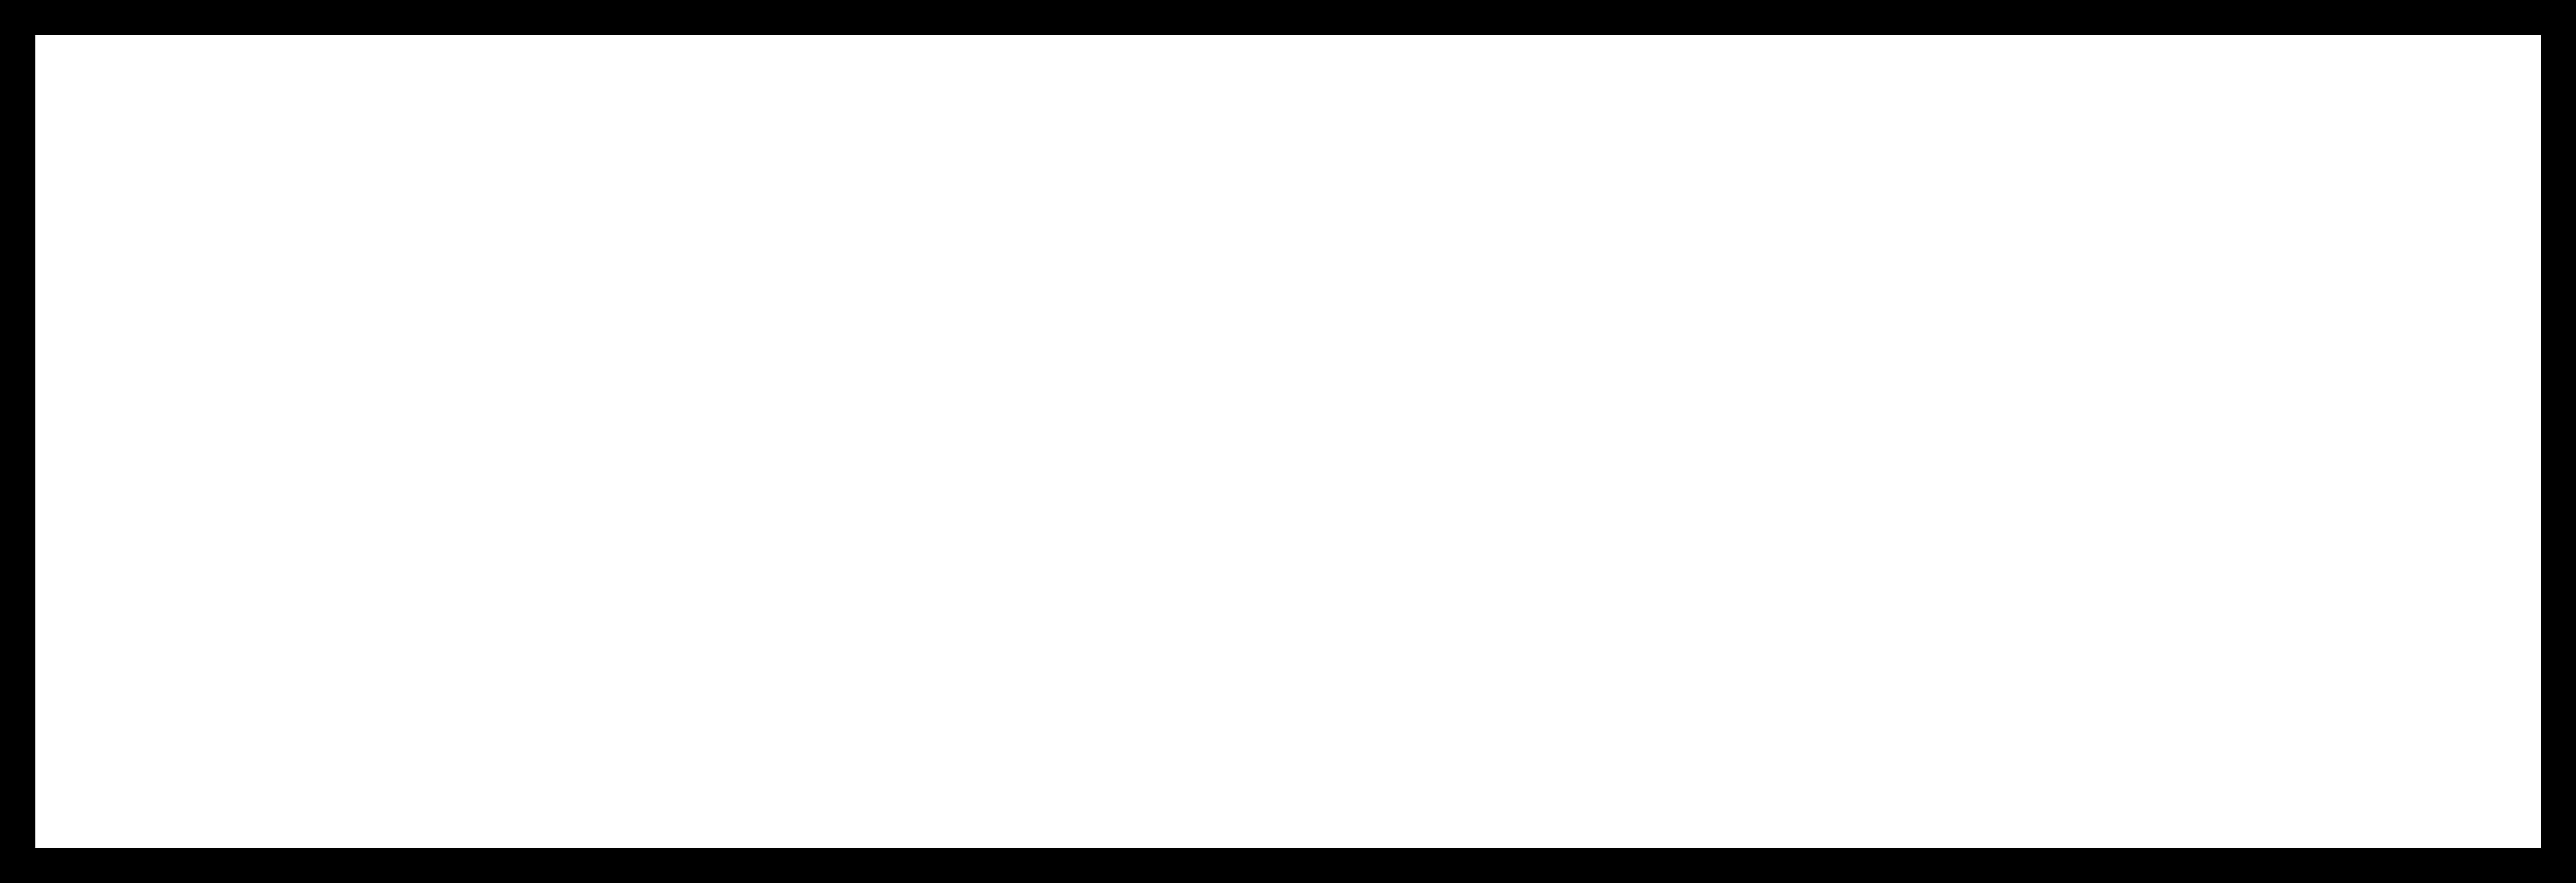 index html · e4e4cac8685be70b24b1b7d220ad0bf97567667e